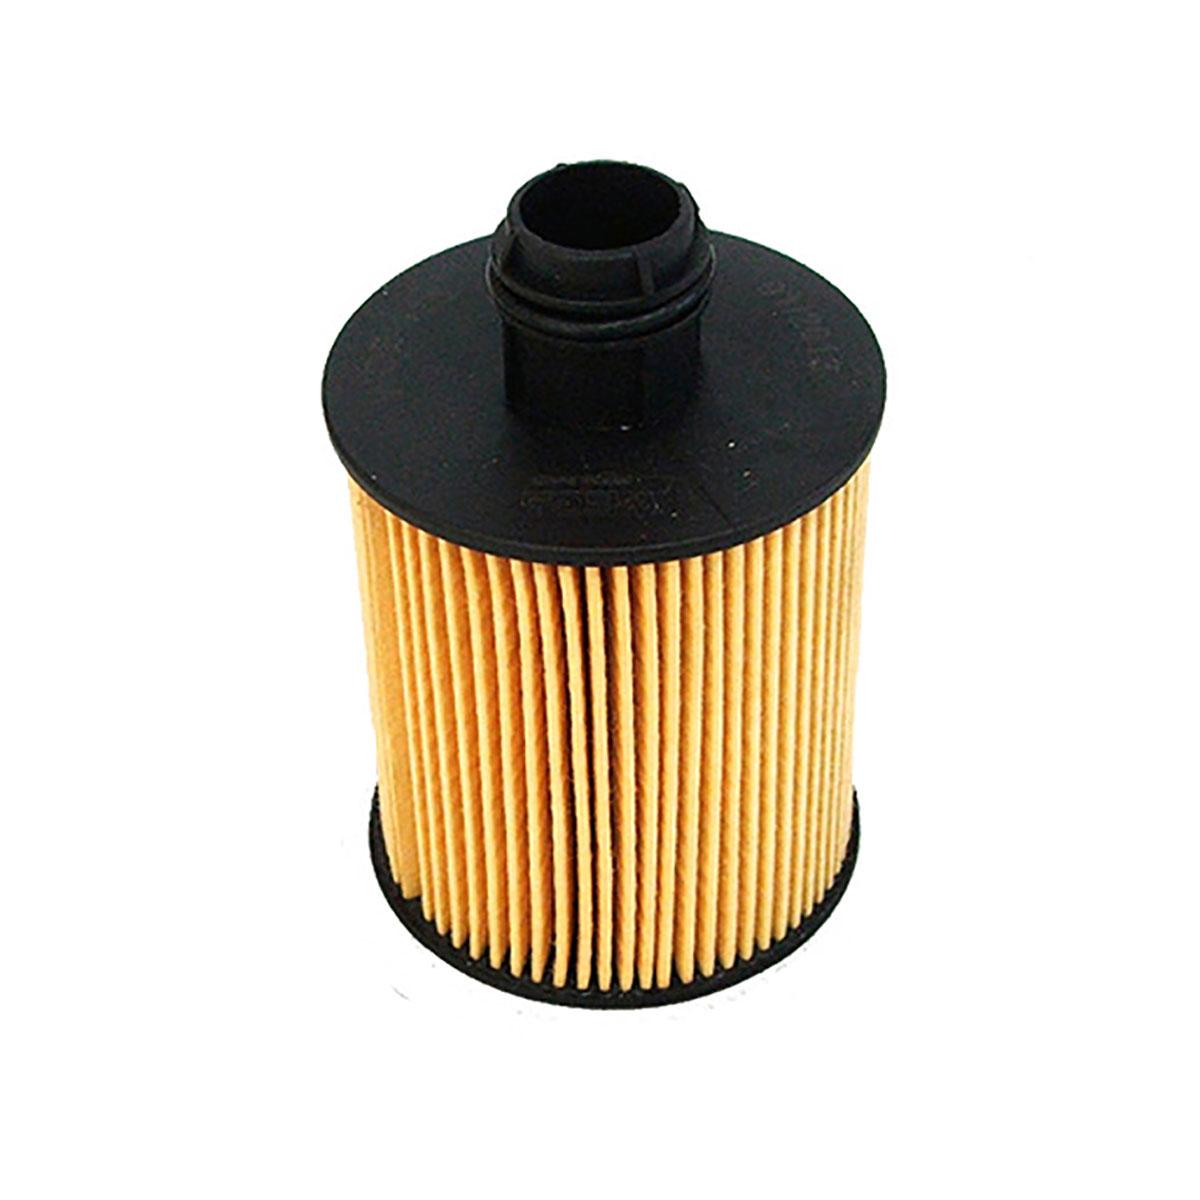 Ölfilter für Alfa Romeo, Fiat, Ford, Peugeot Suzuki entsp. HU712/11x, FO1376